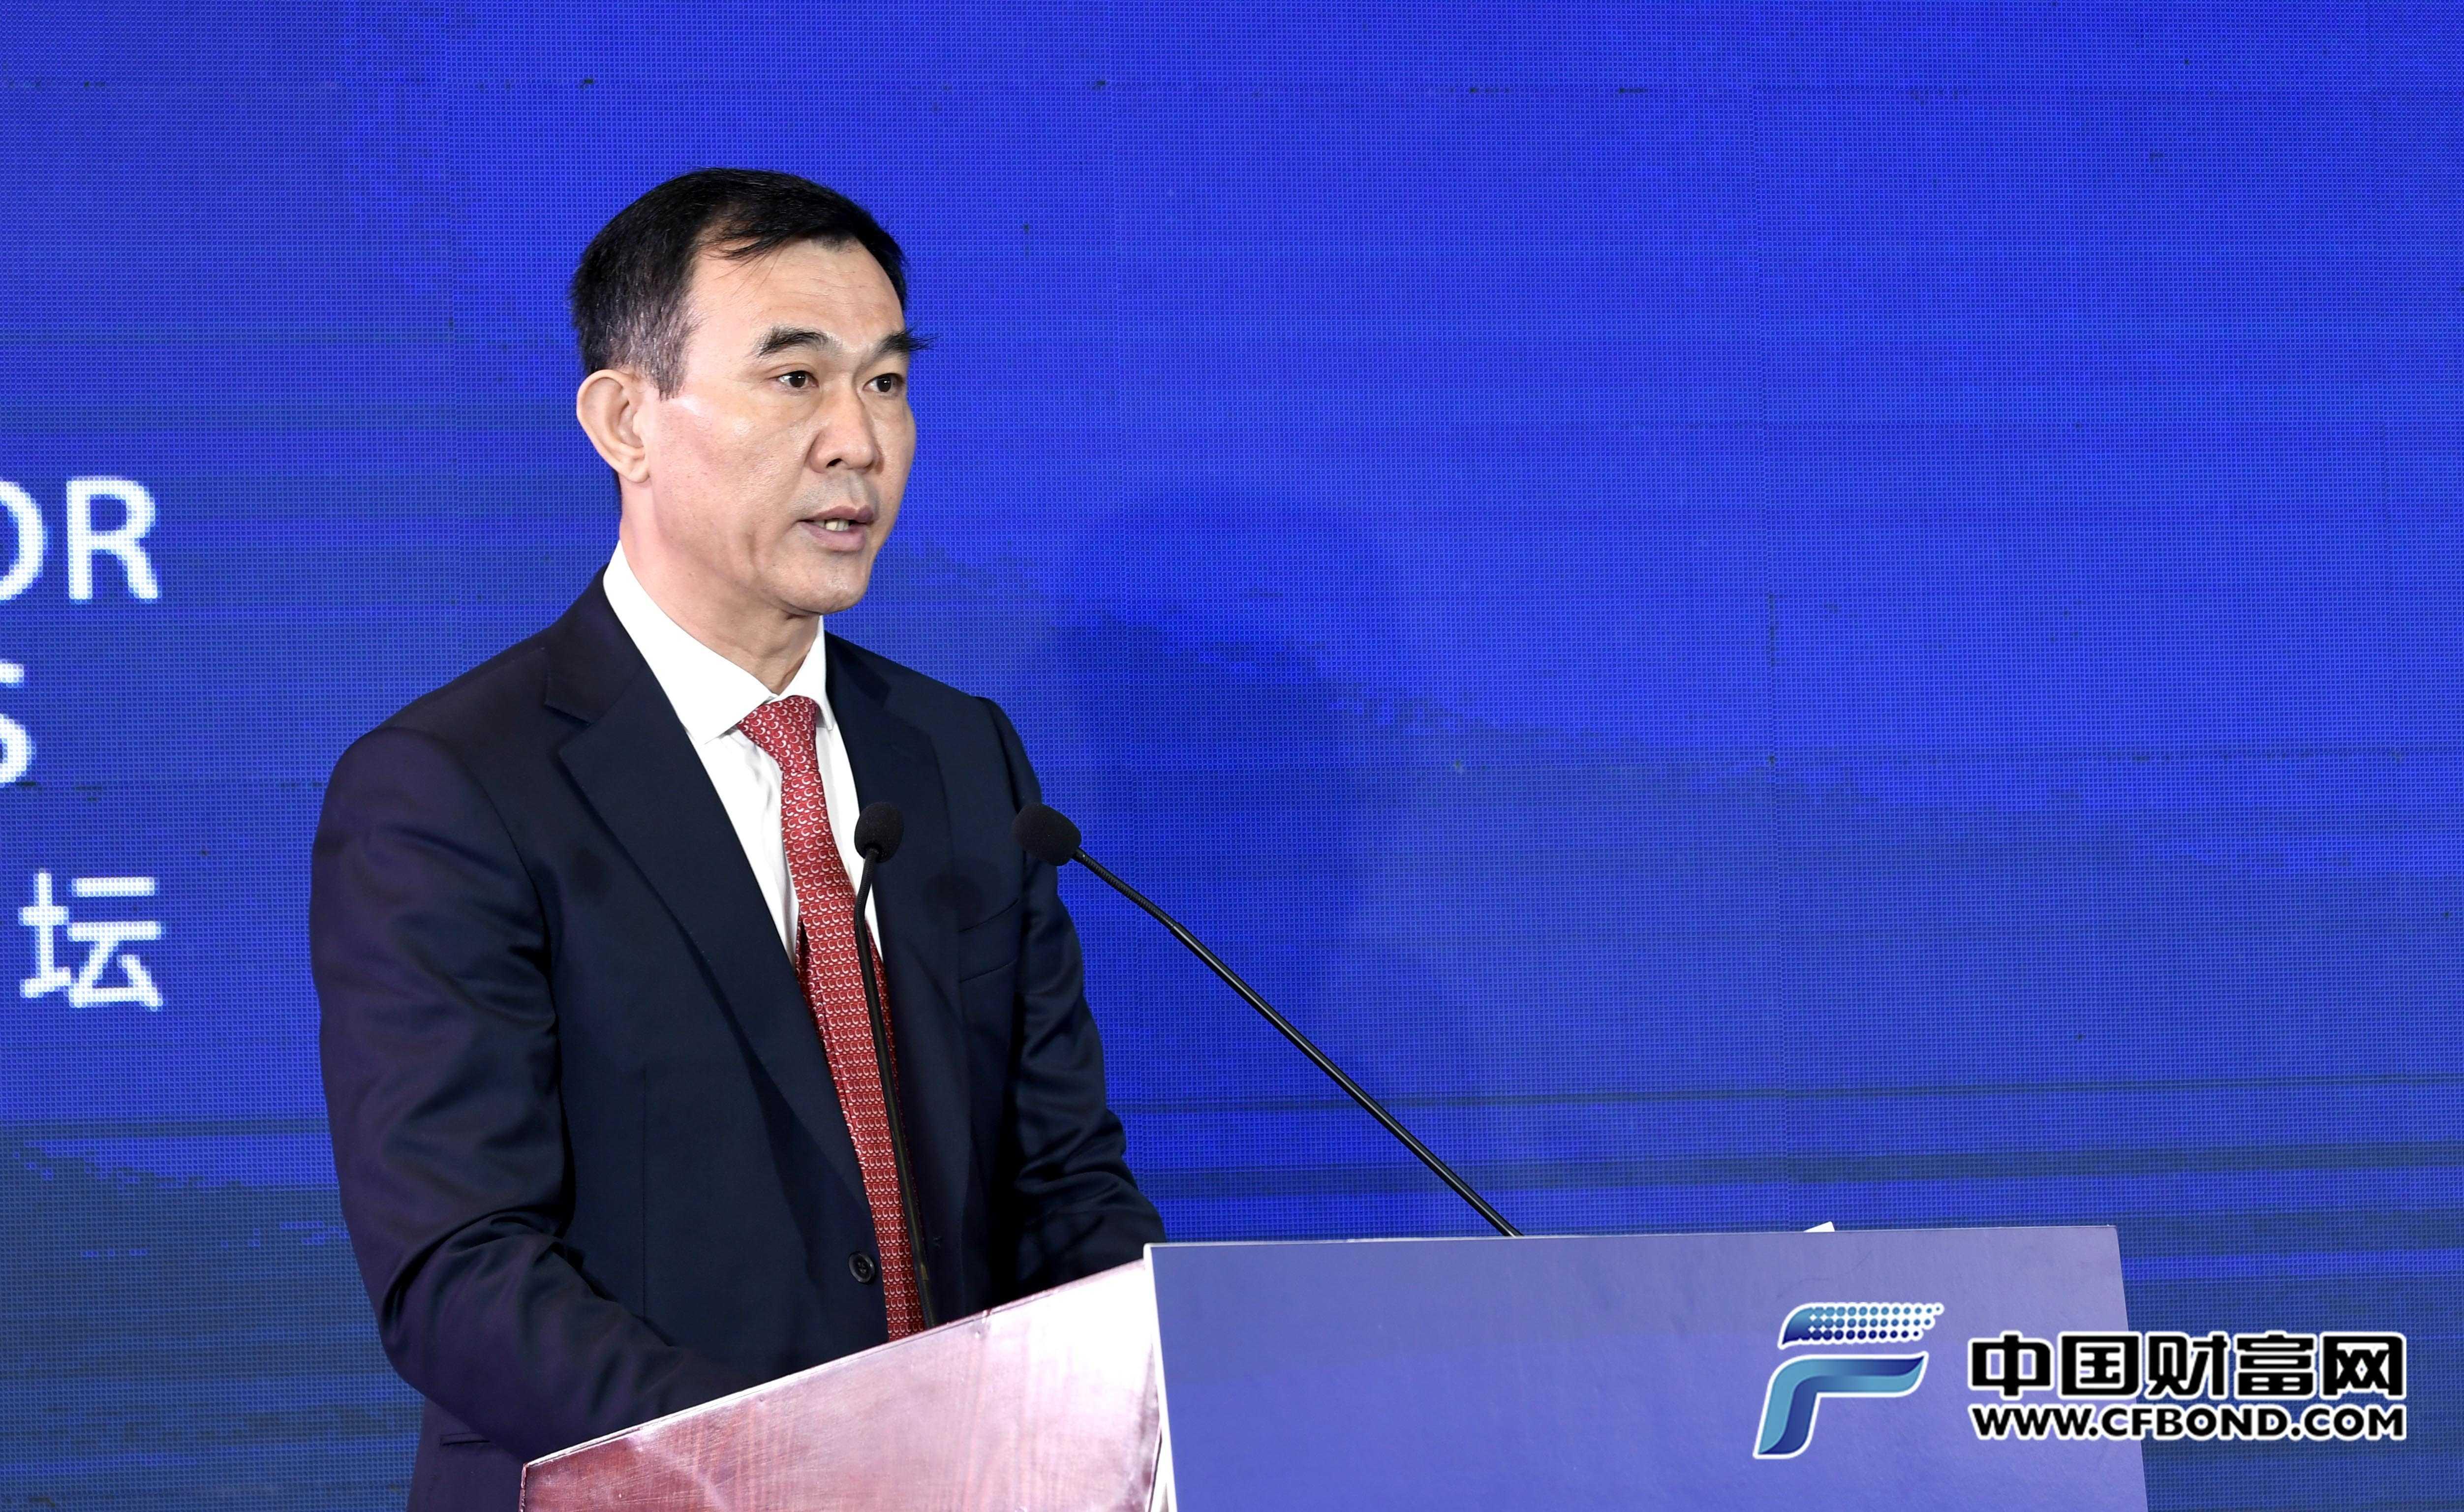 中国黄金协会副会长、中国黄金集团有限公司副总经理赵占国致辞